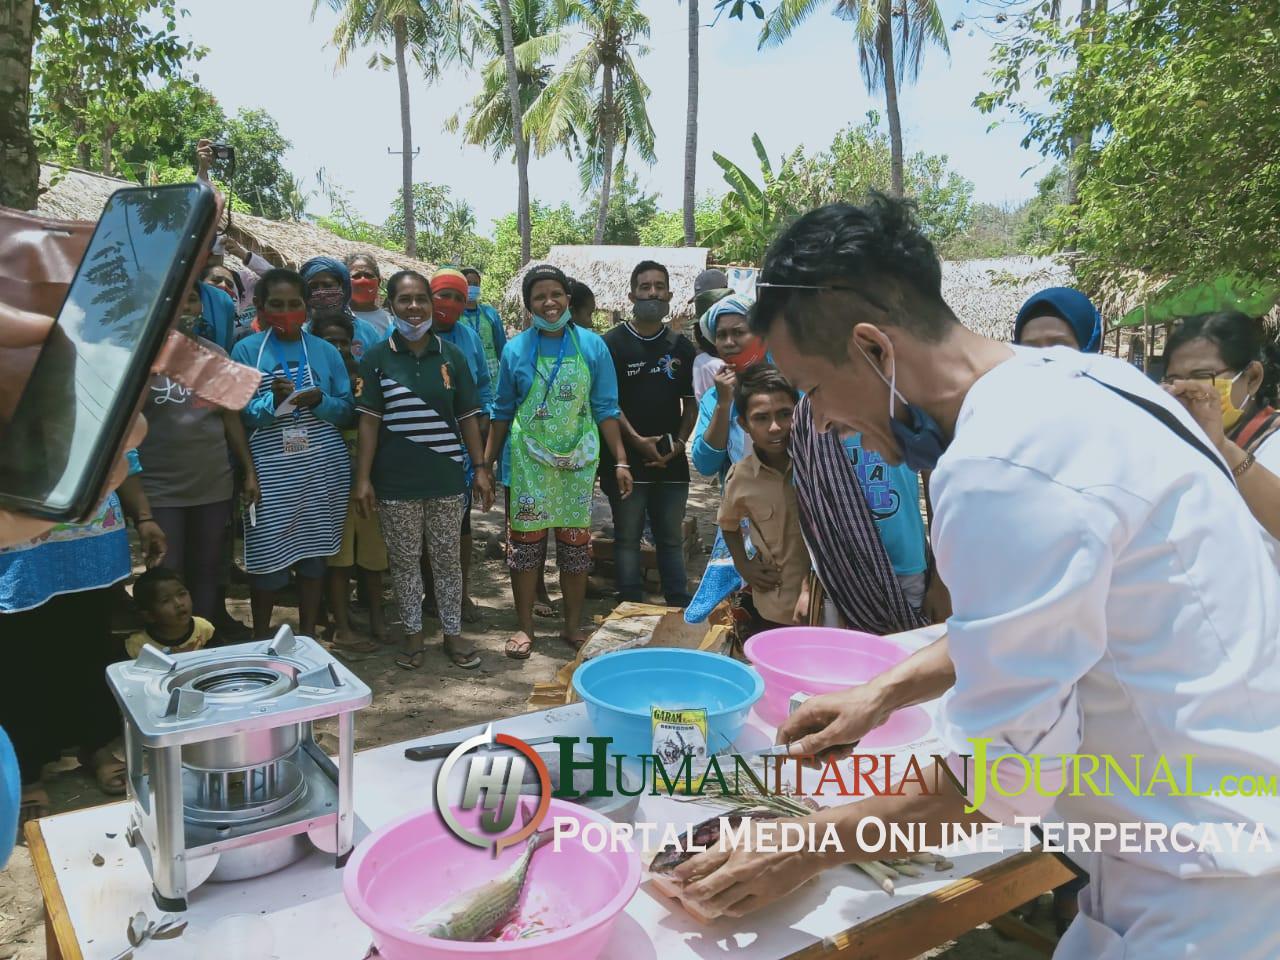 Chef_Mikael_Saat_melatih_variasi_olahan_bahan_ikan_bersam_ibu_ibu_di_Mingar.jpeg